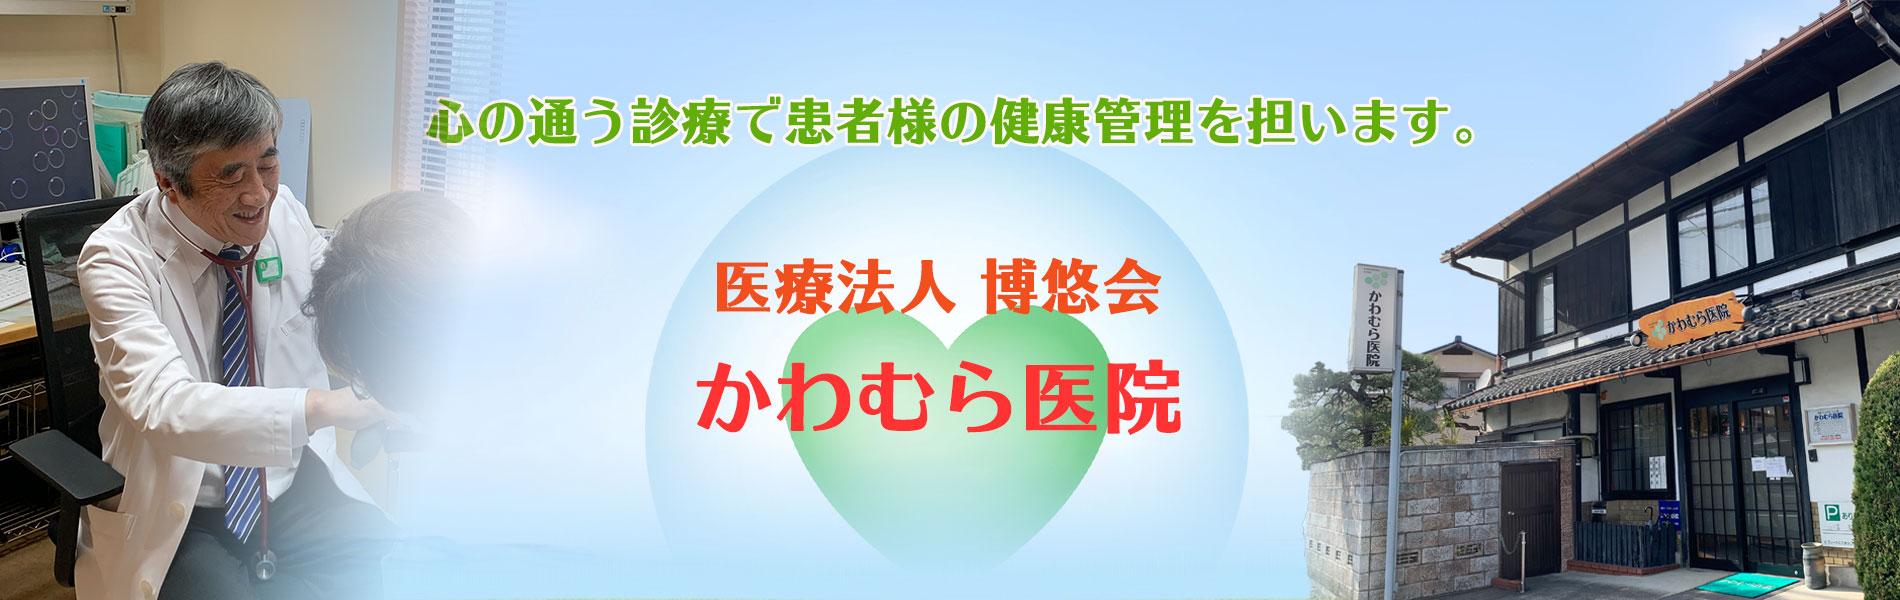 滋賀県大津市 内科・リハビリテーション「かわむら医院」